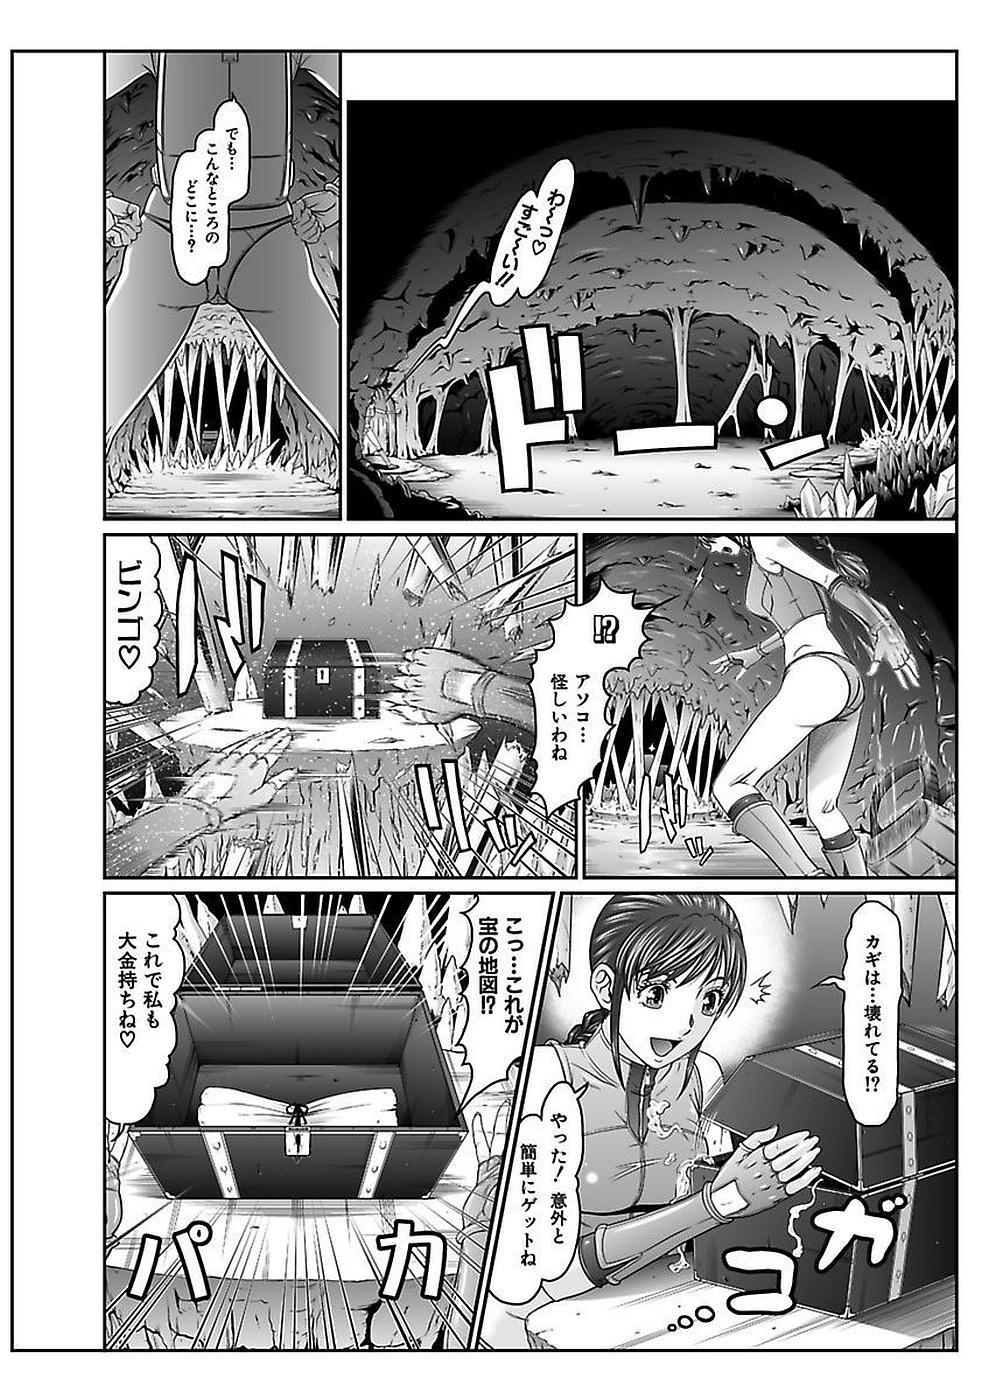 [Kurono Masakado] Dengeki Zecchou! Hihoujima ~Chikyuu no Oku ni Sasowarete~ Joukan 5